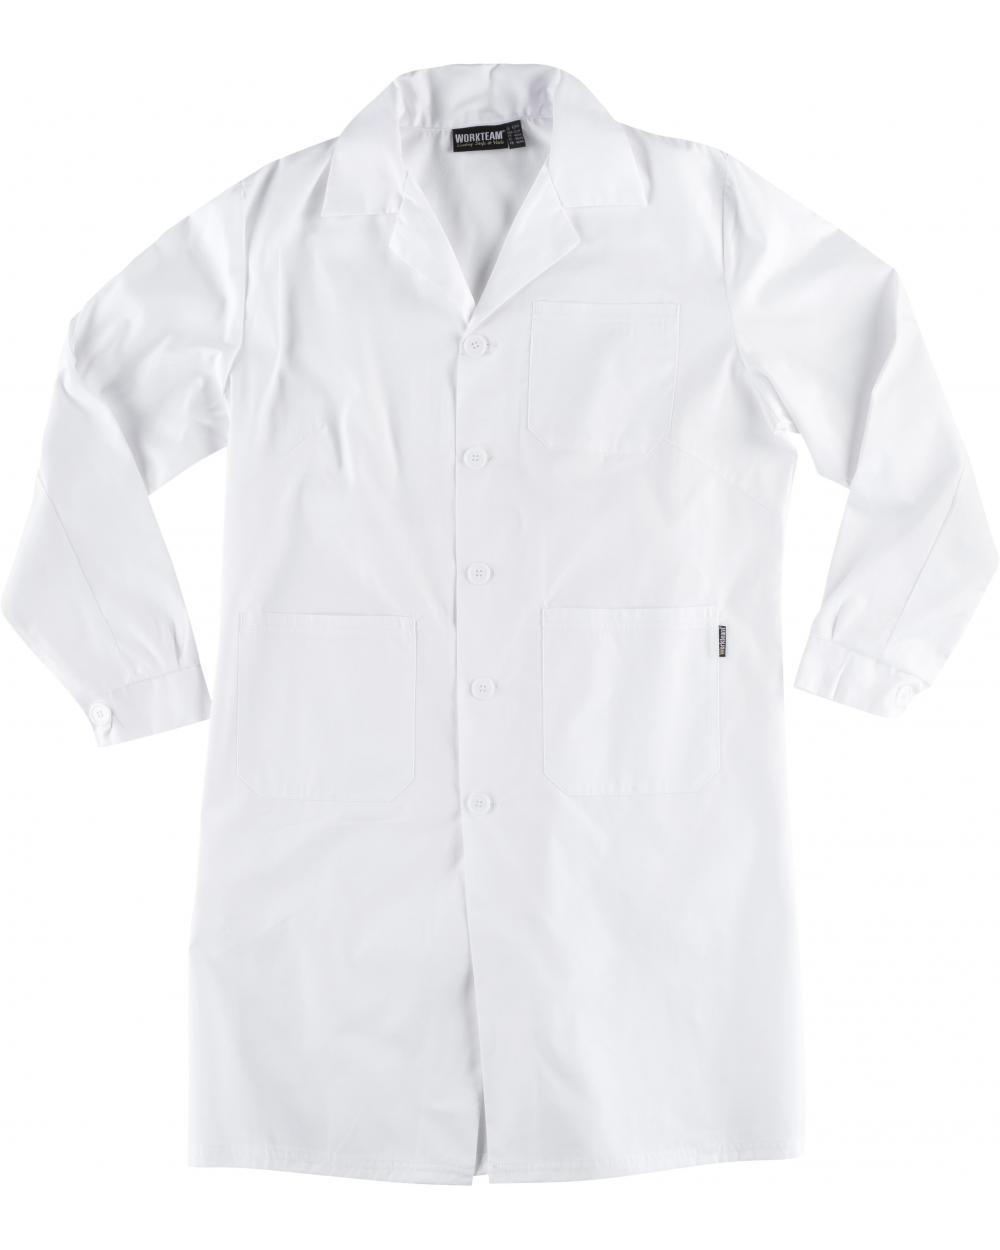 Comprar Bata para mujer B6100 Blanco workteam delante